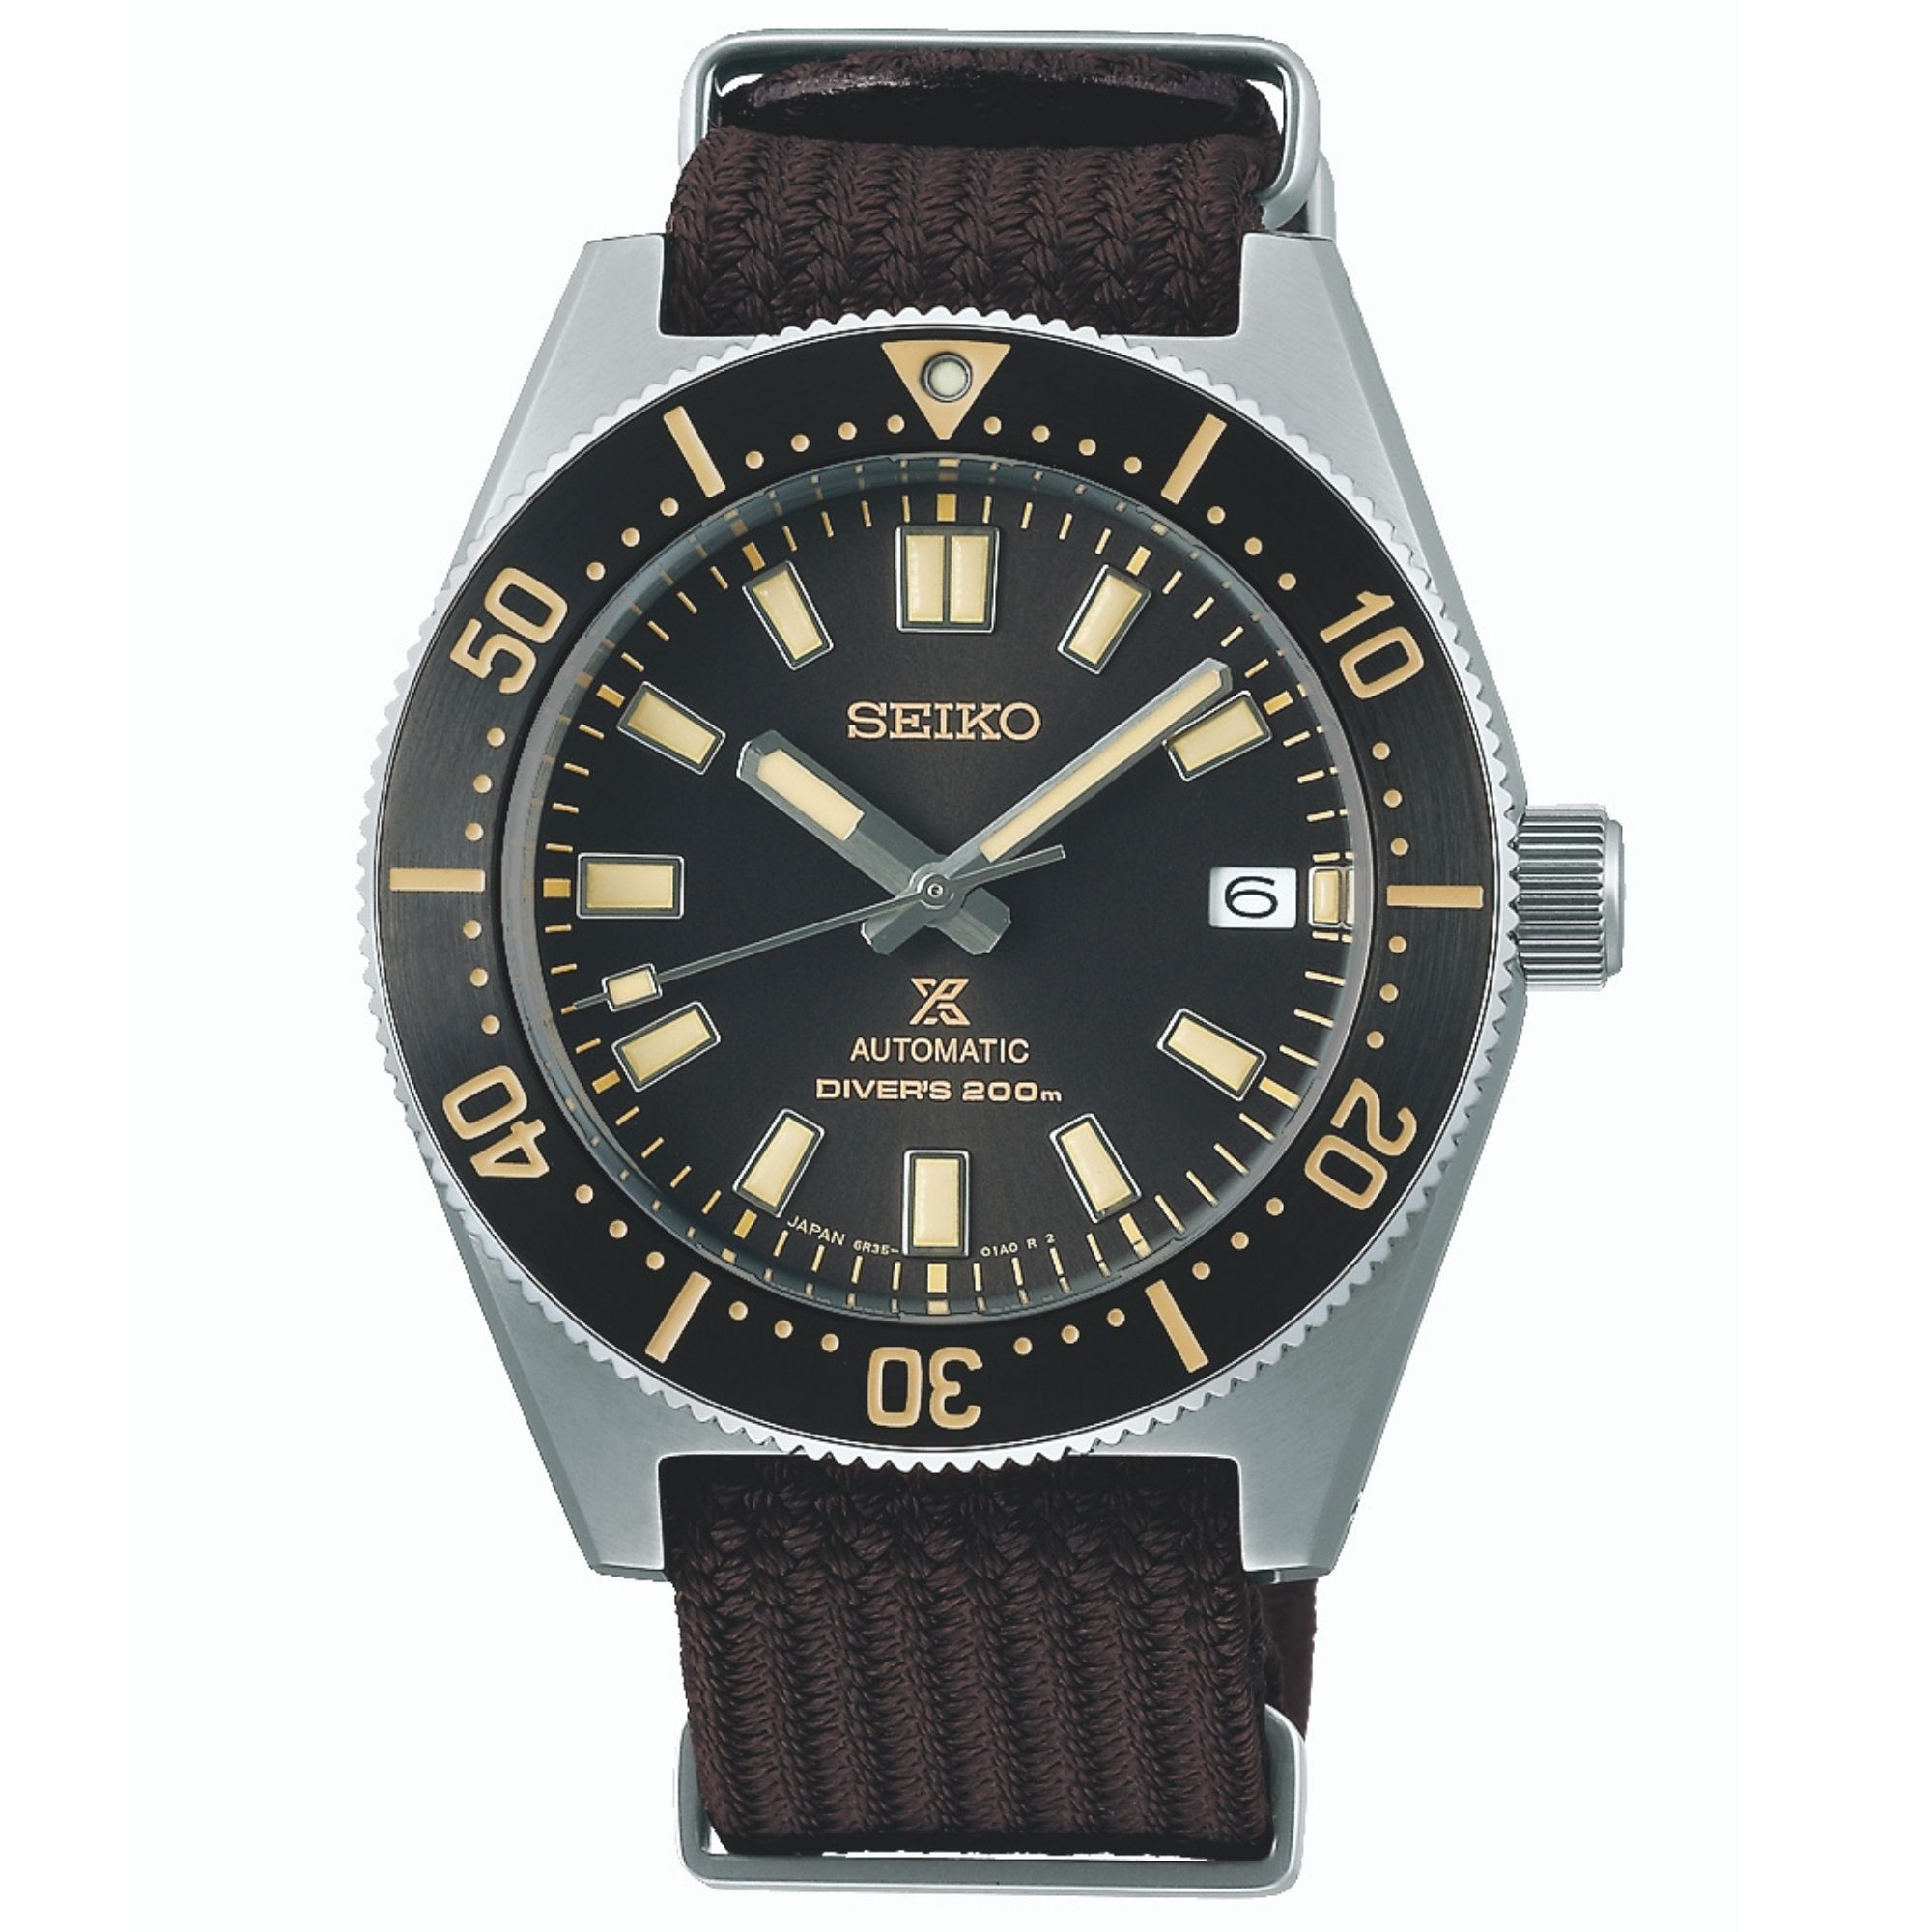 Seiko Prospex First Japanese Diver's Re-interpretation Automatic Movement Blck Dial Textile Bracelet SPB239J1